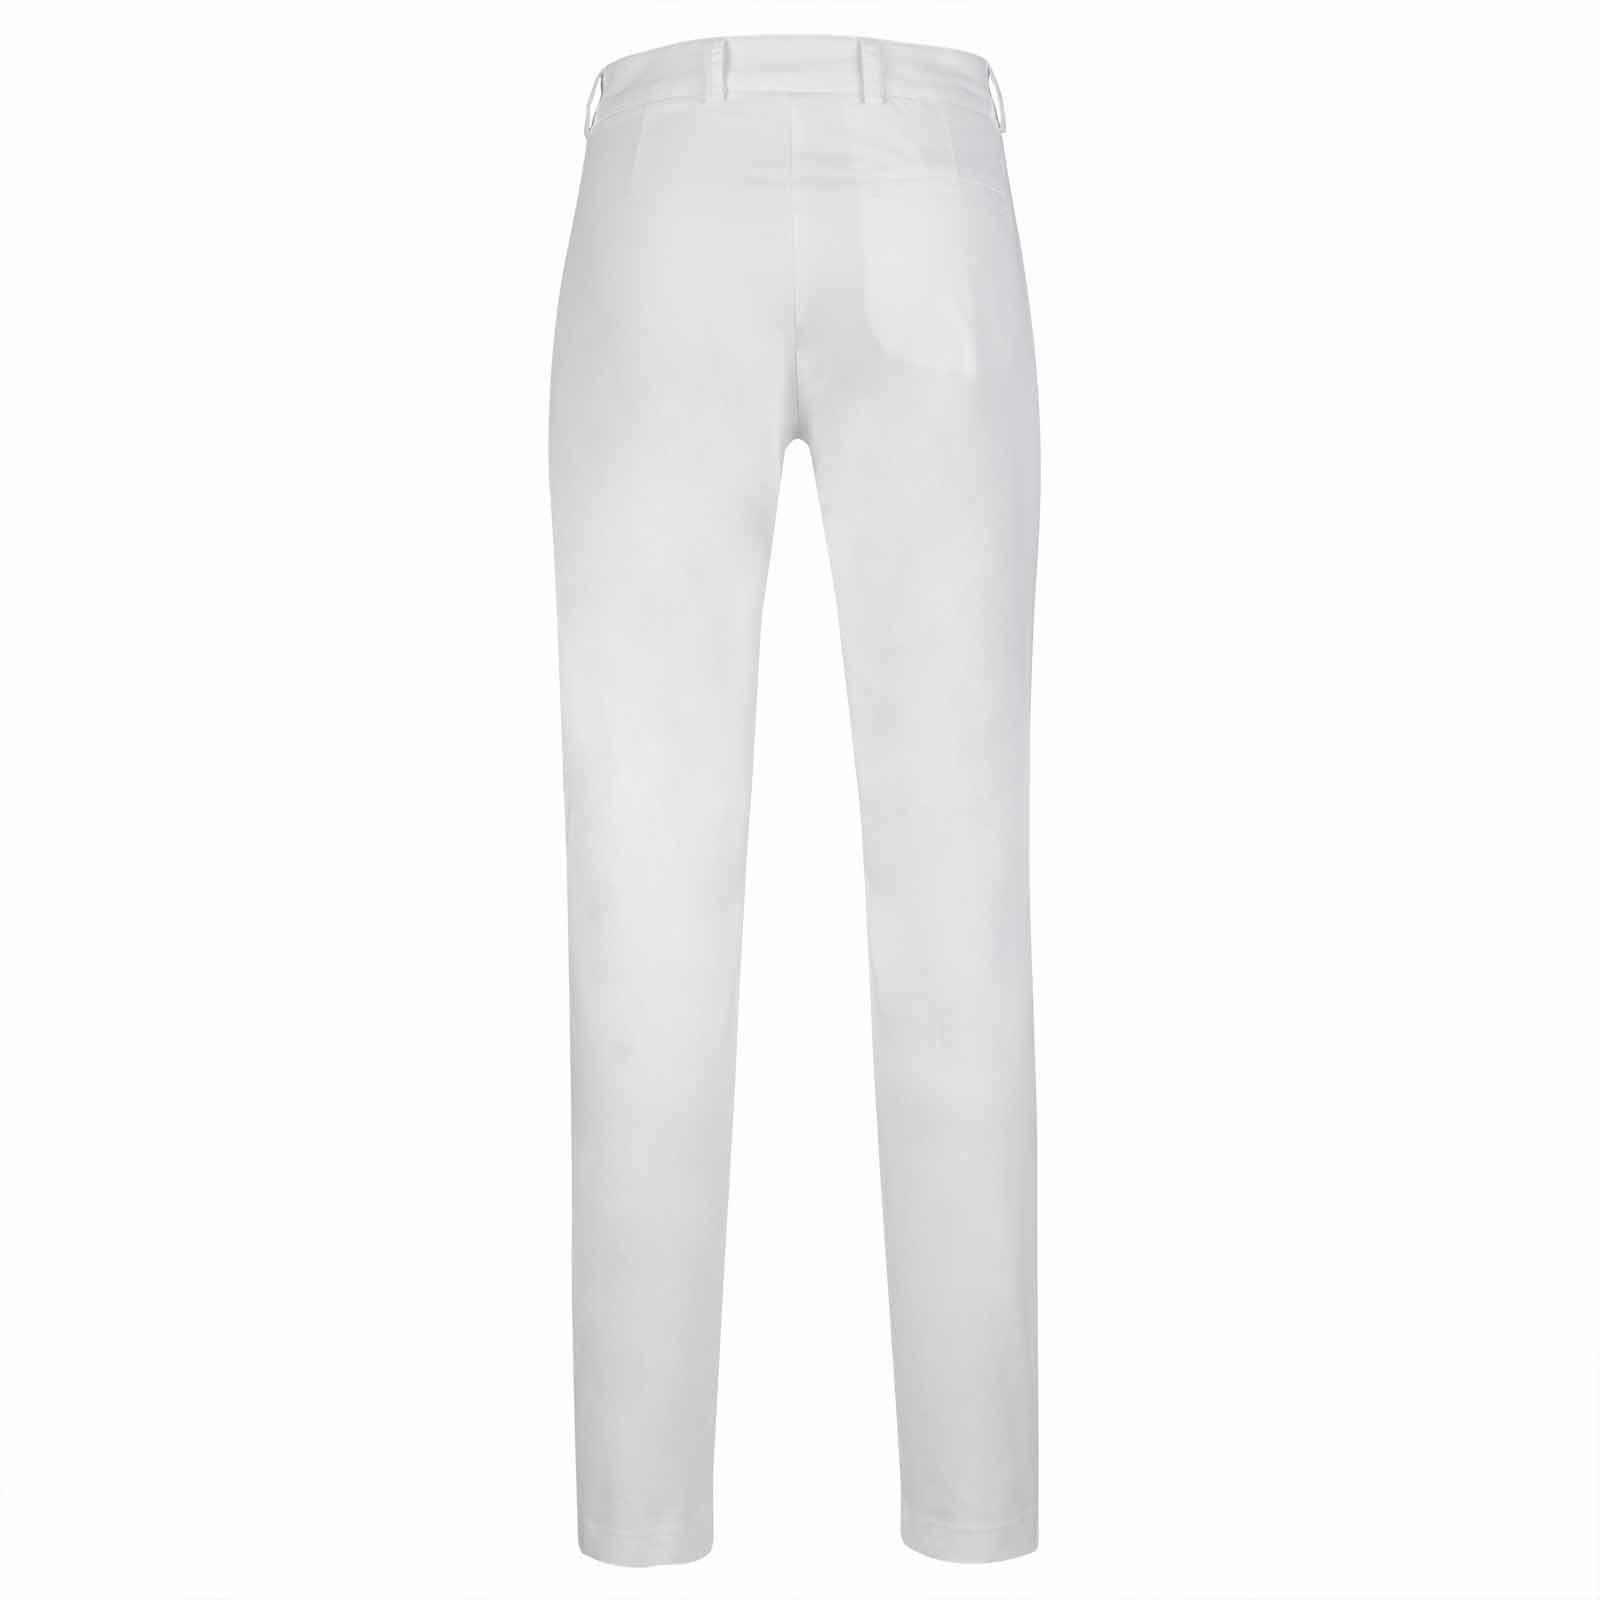 Damen 7/8-Golfhose mit Extra Stretch Komfort aus Baumwoll-Mix in Slim Fit